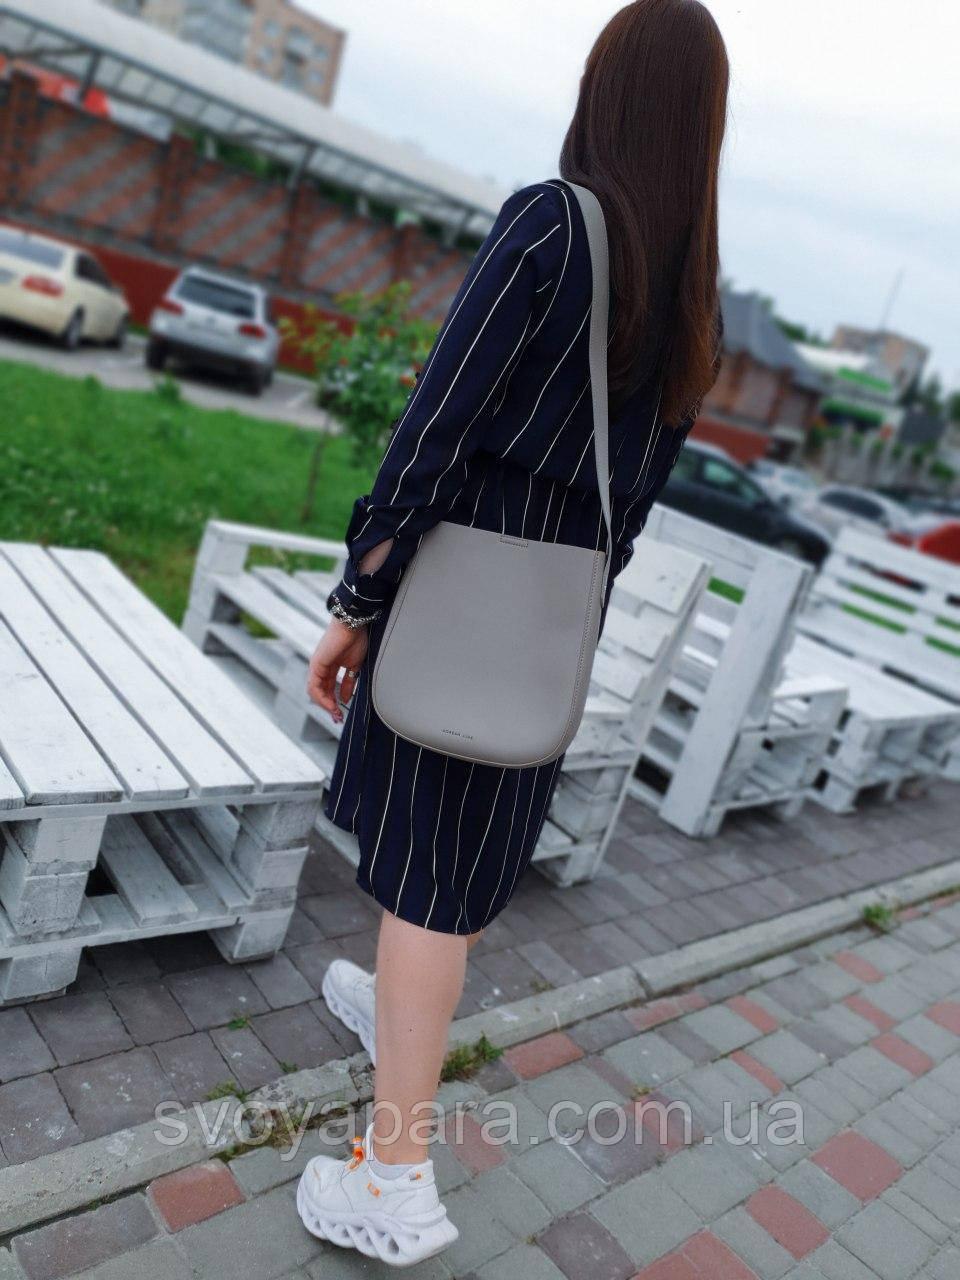 Женская кожаная сумка размером 26х25 см Серая (01229)